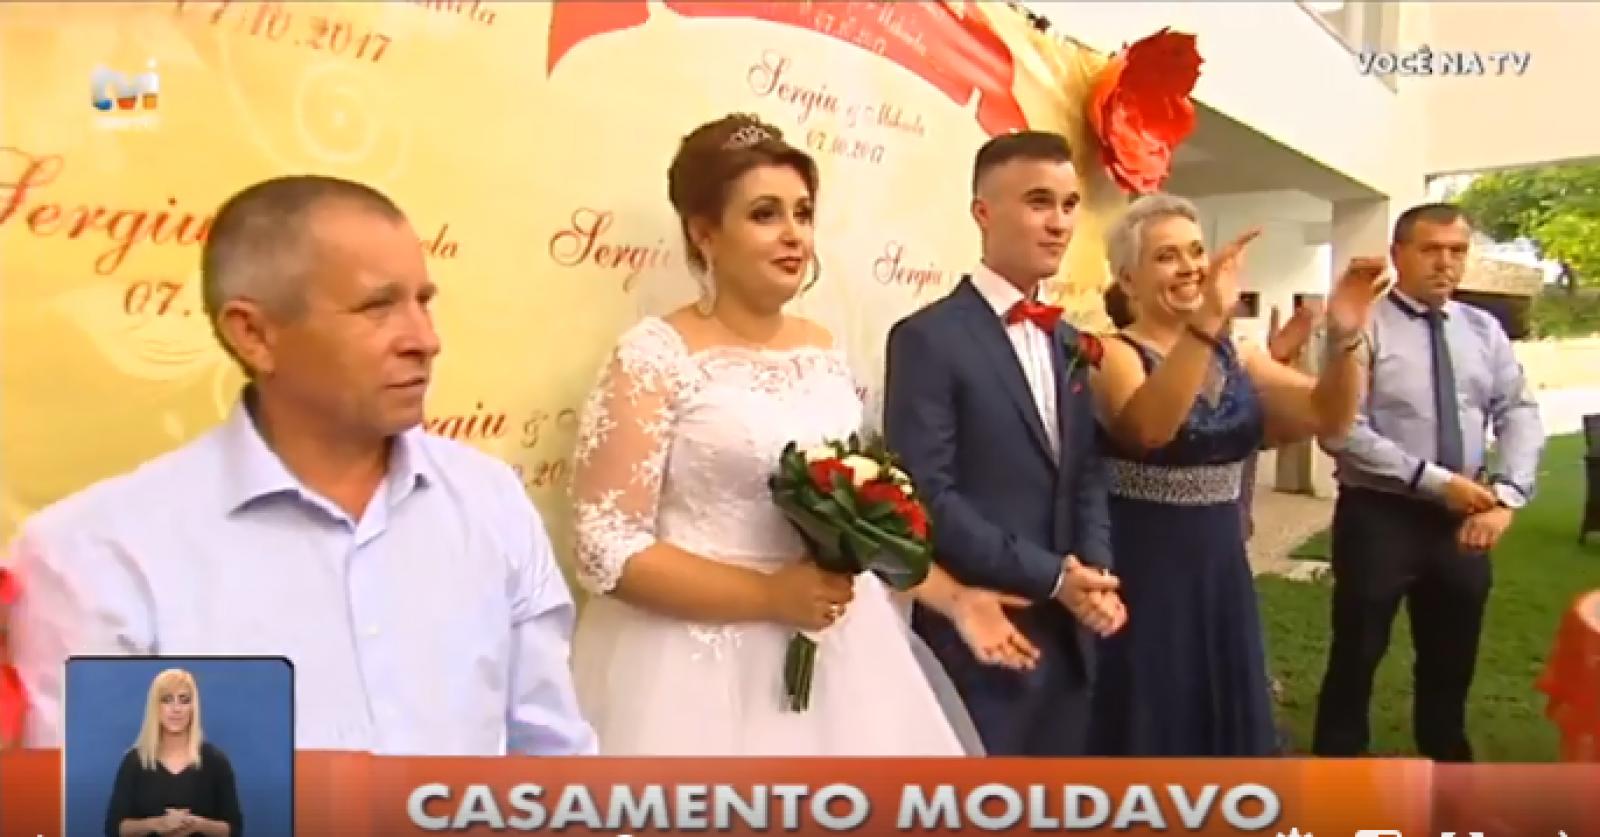 (video) Haine populare, lăutari și obiceiuri. O nuntă moldovenească jucată în Portugalia, subiect de știre pentru o televiziune locală